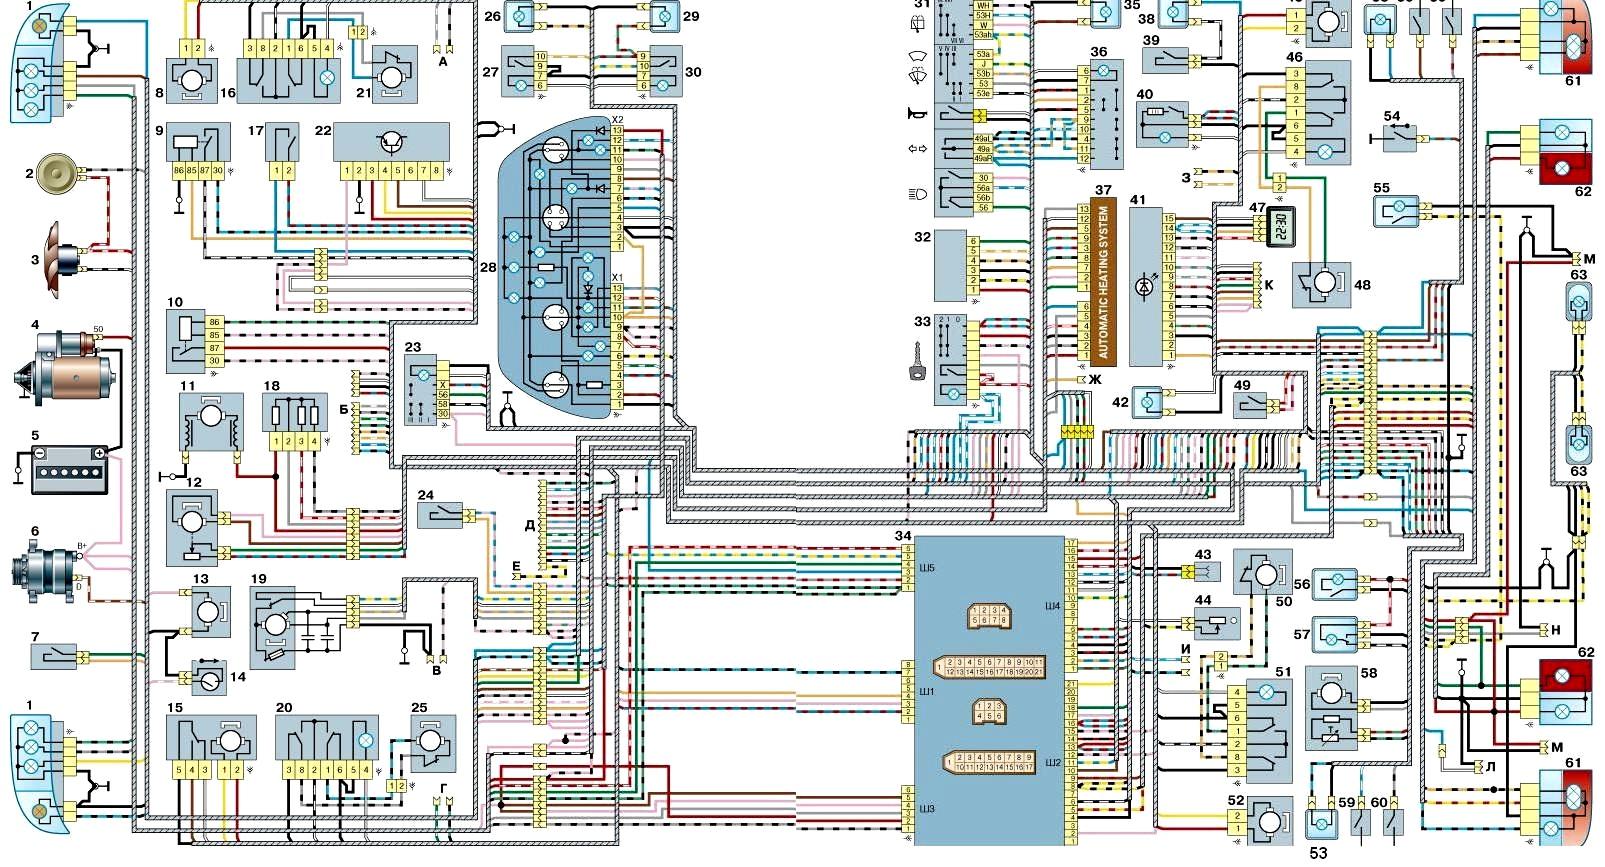 инструкция по эксплуатации ваз 2115 инжектор 8 клапанов